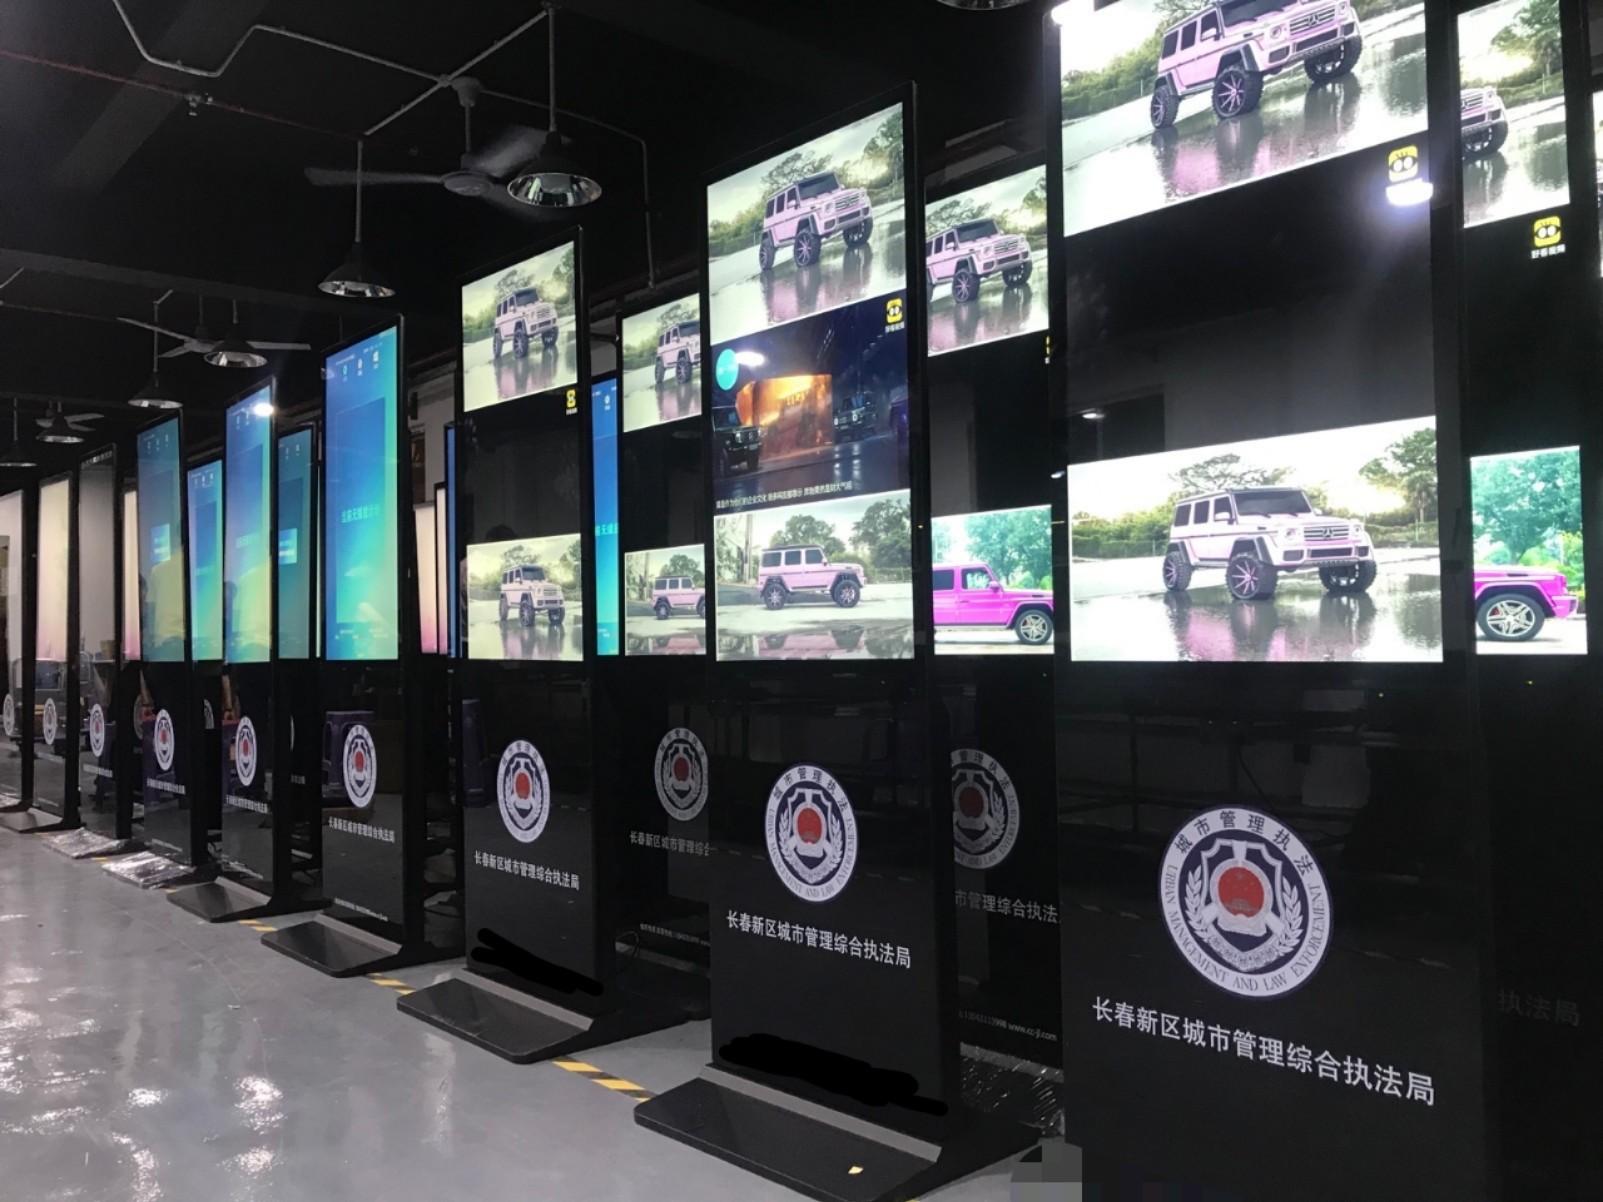 容仁科技 垃圾分类立式广告机为城市垃圾分类宣传增添风采